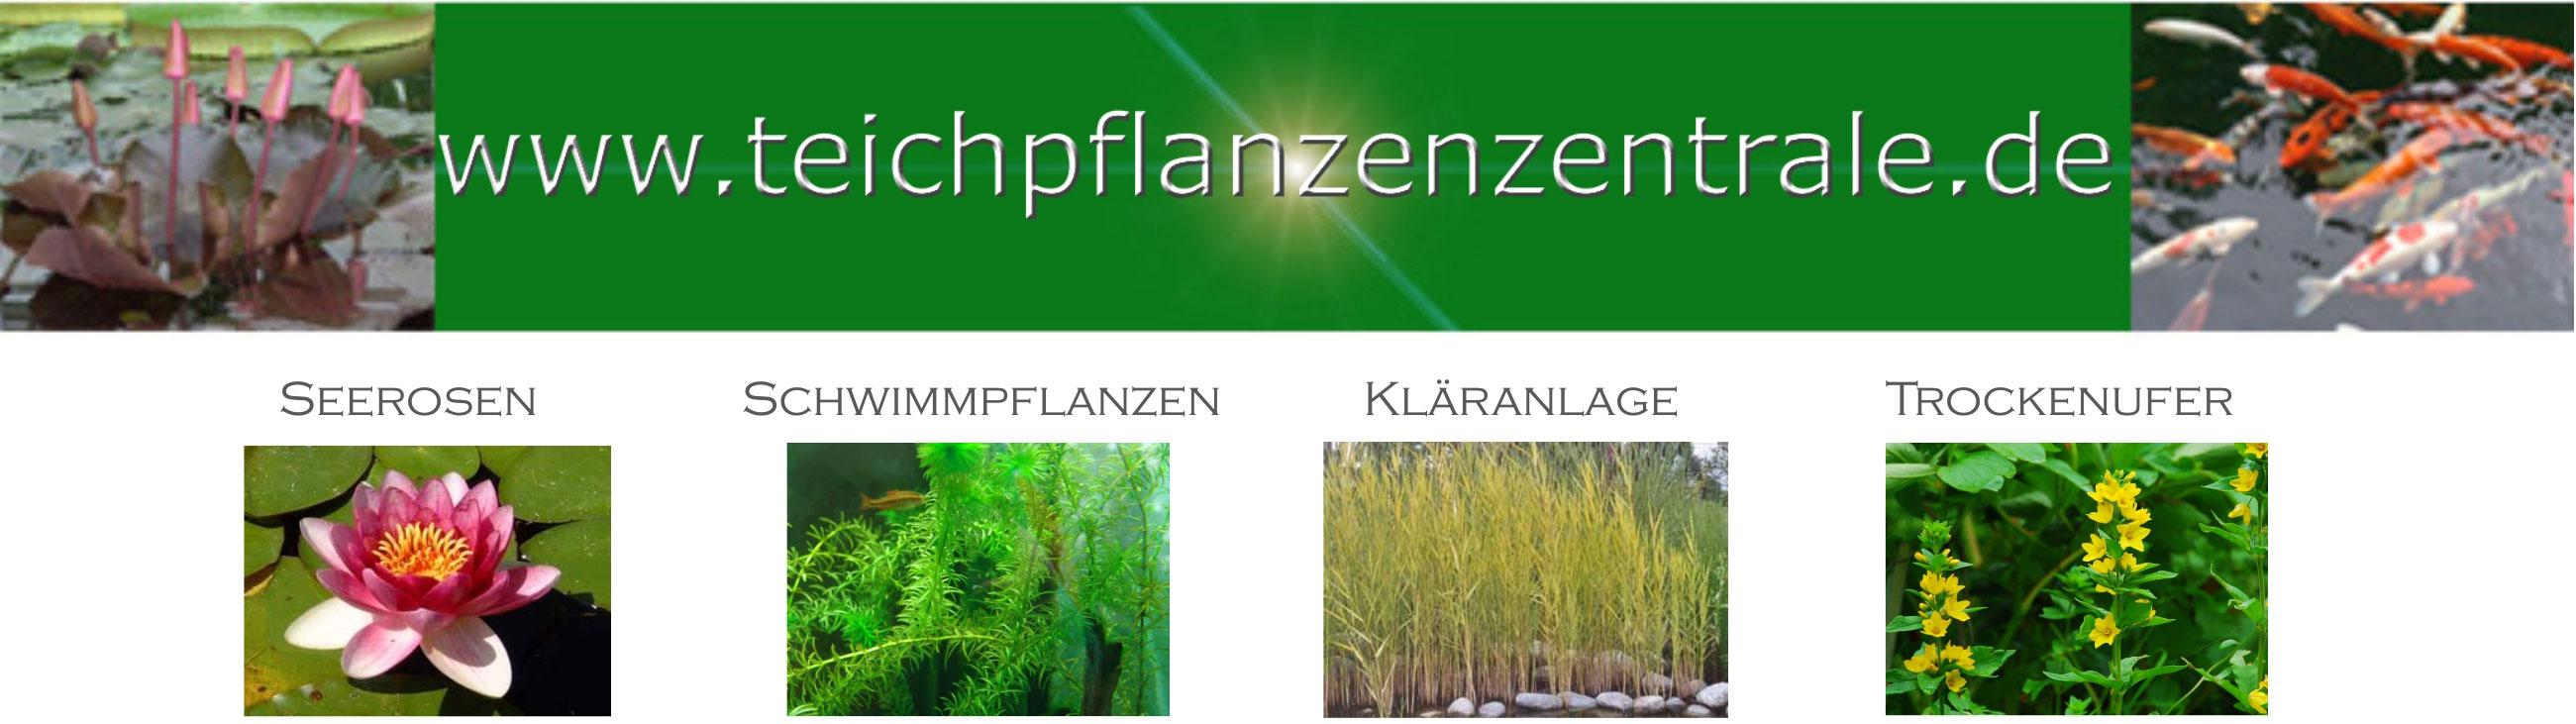 spezialgeschäft für teichpflanzen bayern